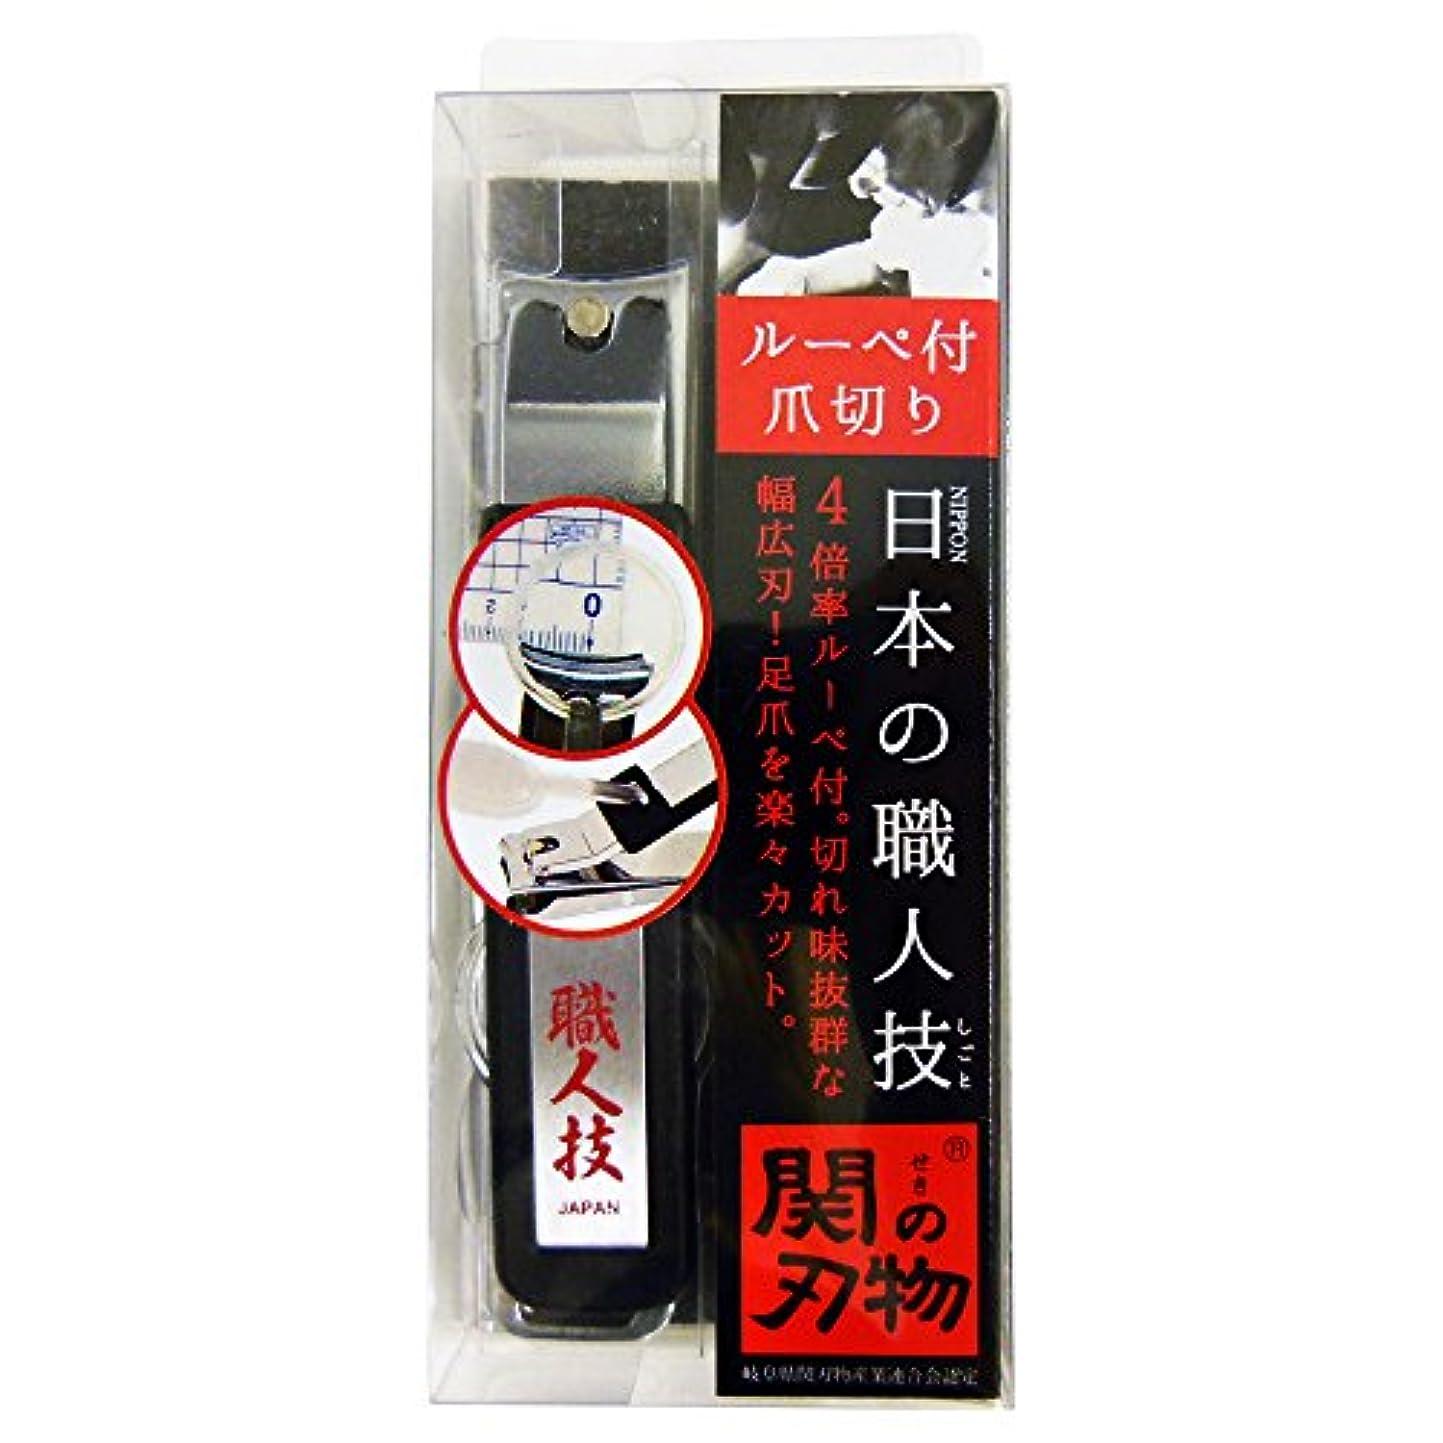 剥離マーケティングメニュー関の刃物 ルーペ付爪切り SK-07 (1個入)